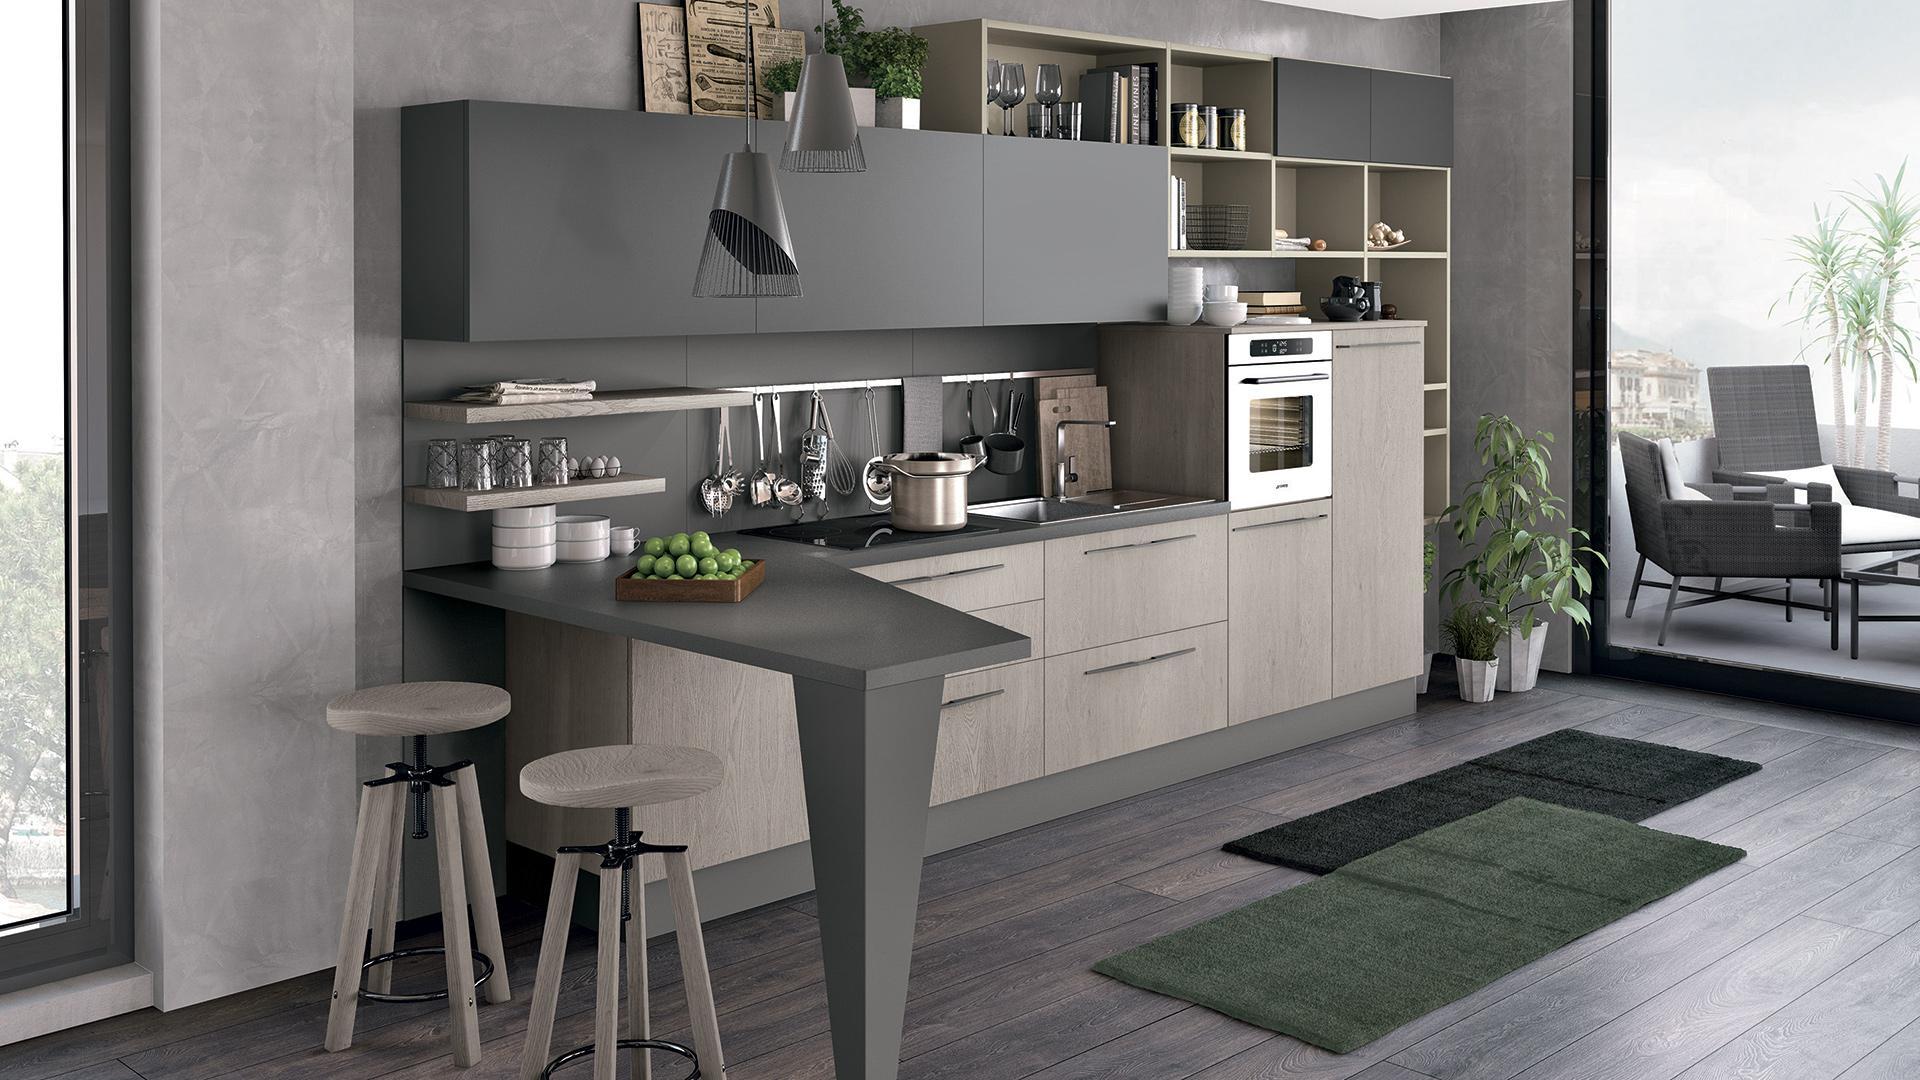 Cucine lube ad angolo i suggerimenti per arredare lube store milano le cucine lube creo a - Immagini di cucine classiche ...